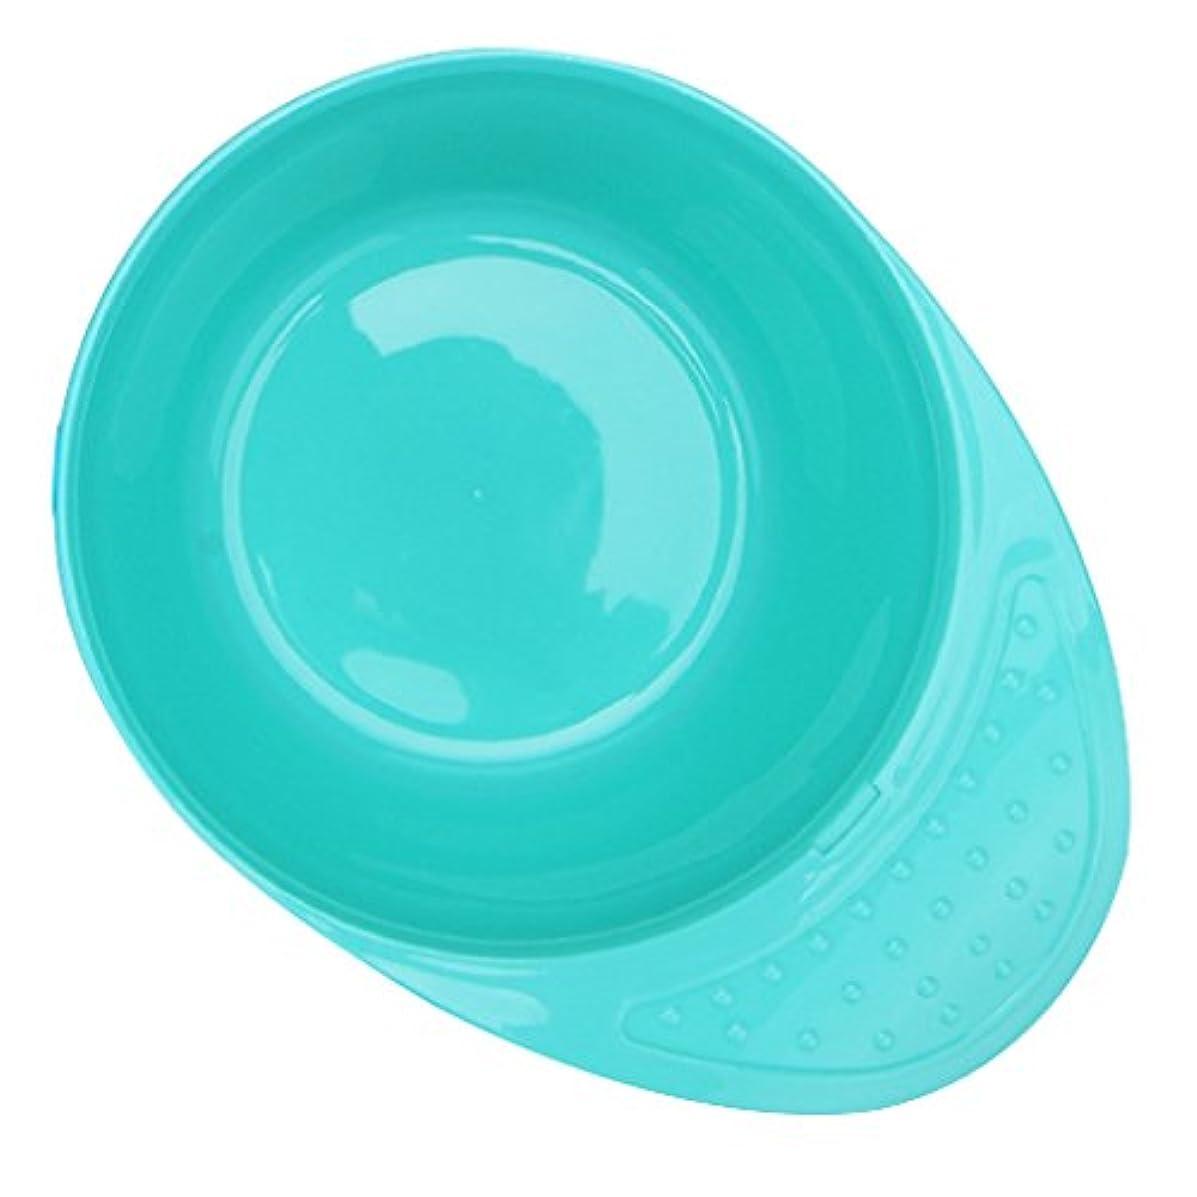 ビタミン首尾一貫した代表ヘアカラーボウル ミキシングボウル ヘアカラー ヘア染め サロン 髪着色 DIY ハンドル付き 持ちやすい 4色選べる - シアン